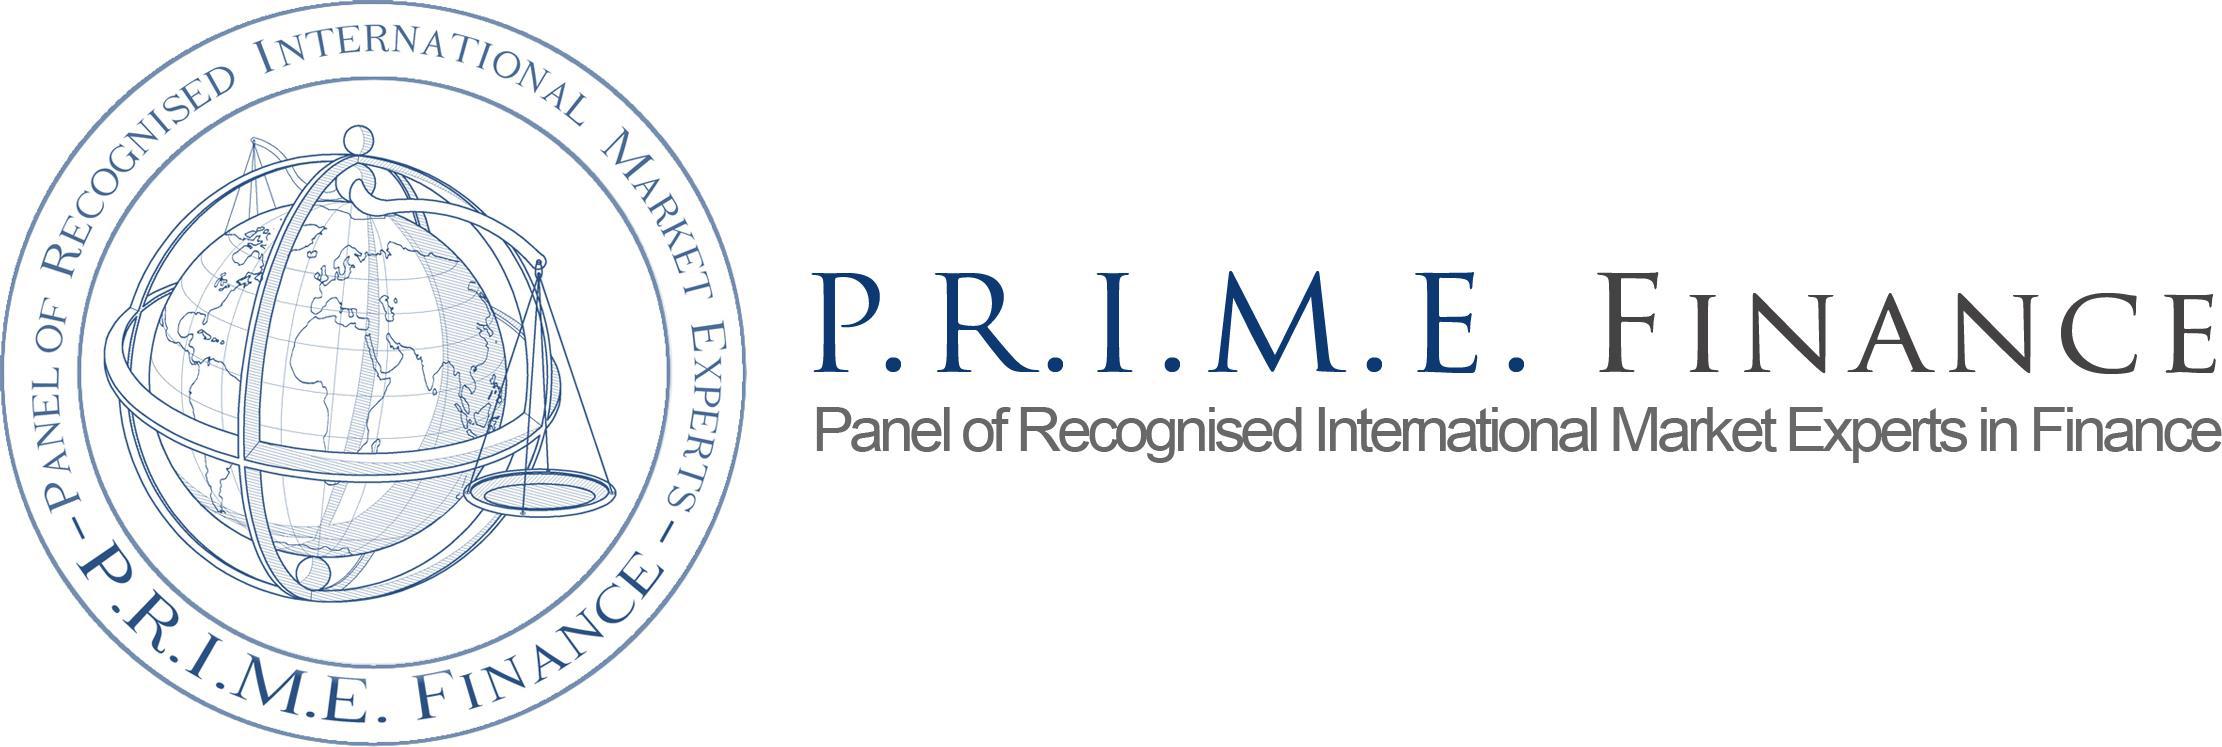 PRIME Finance_logo-300dpi